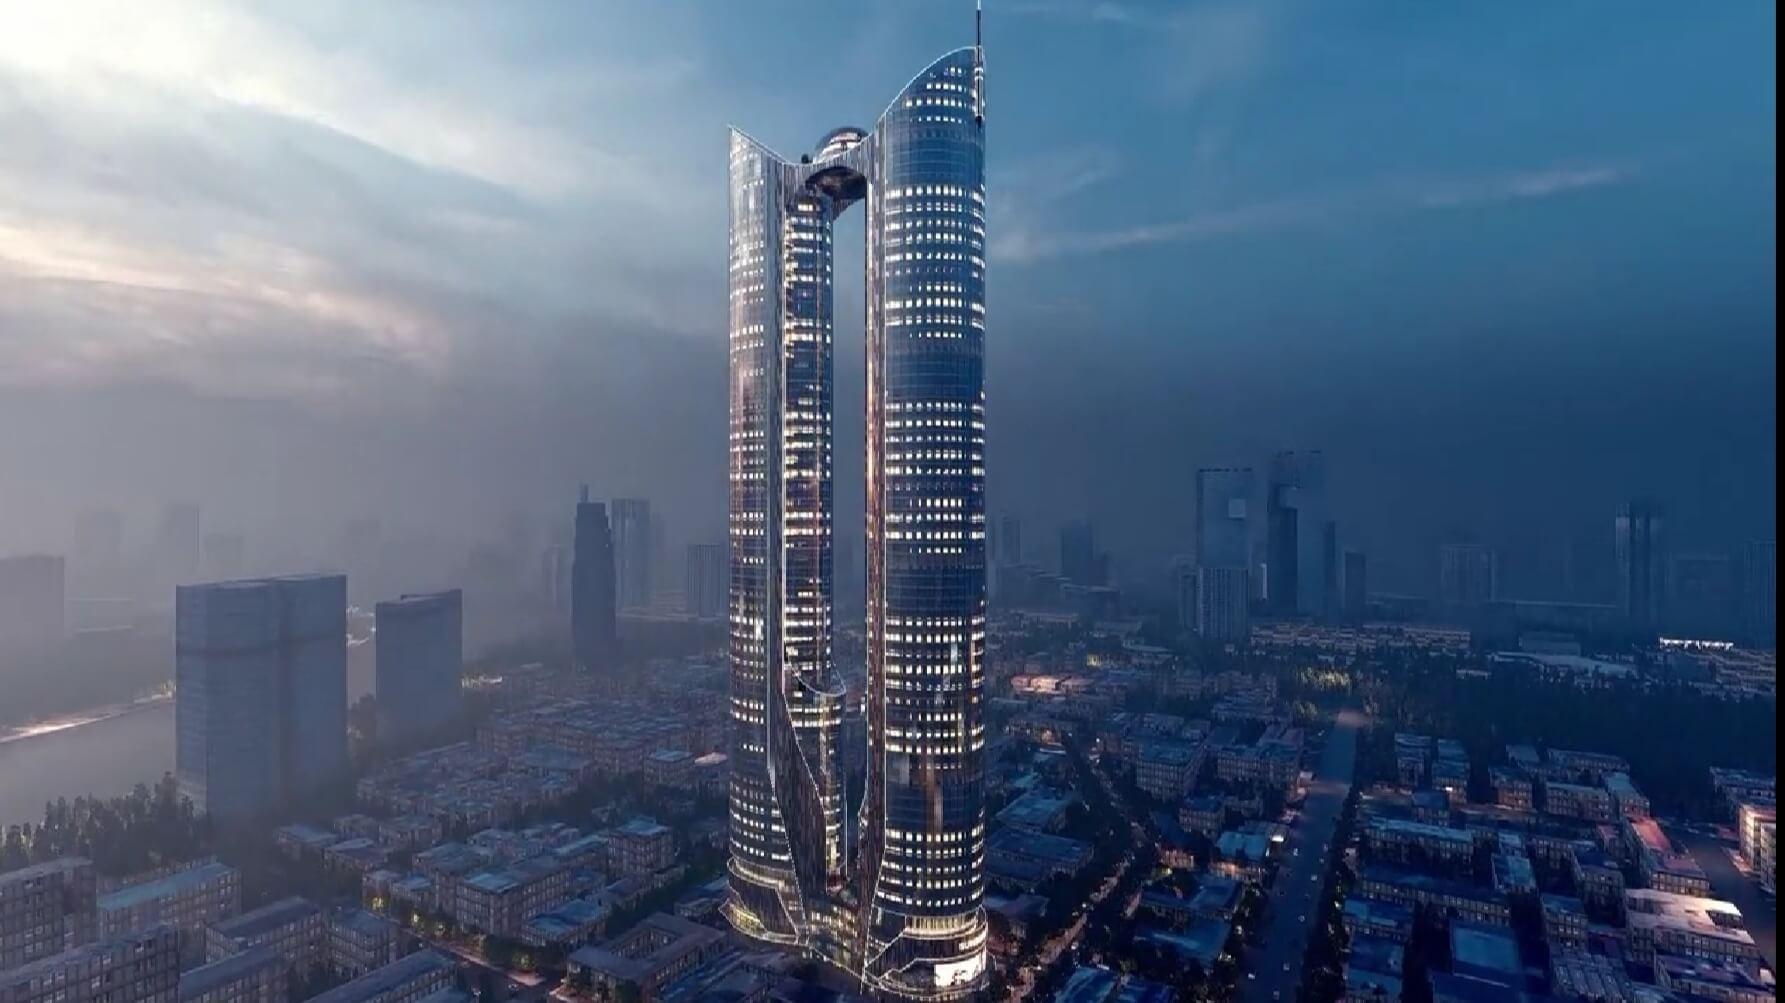 Giới thiệu sơ lược về dự án Sunshine Tower Quận 1 du an sunshine tower quan 1 3